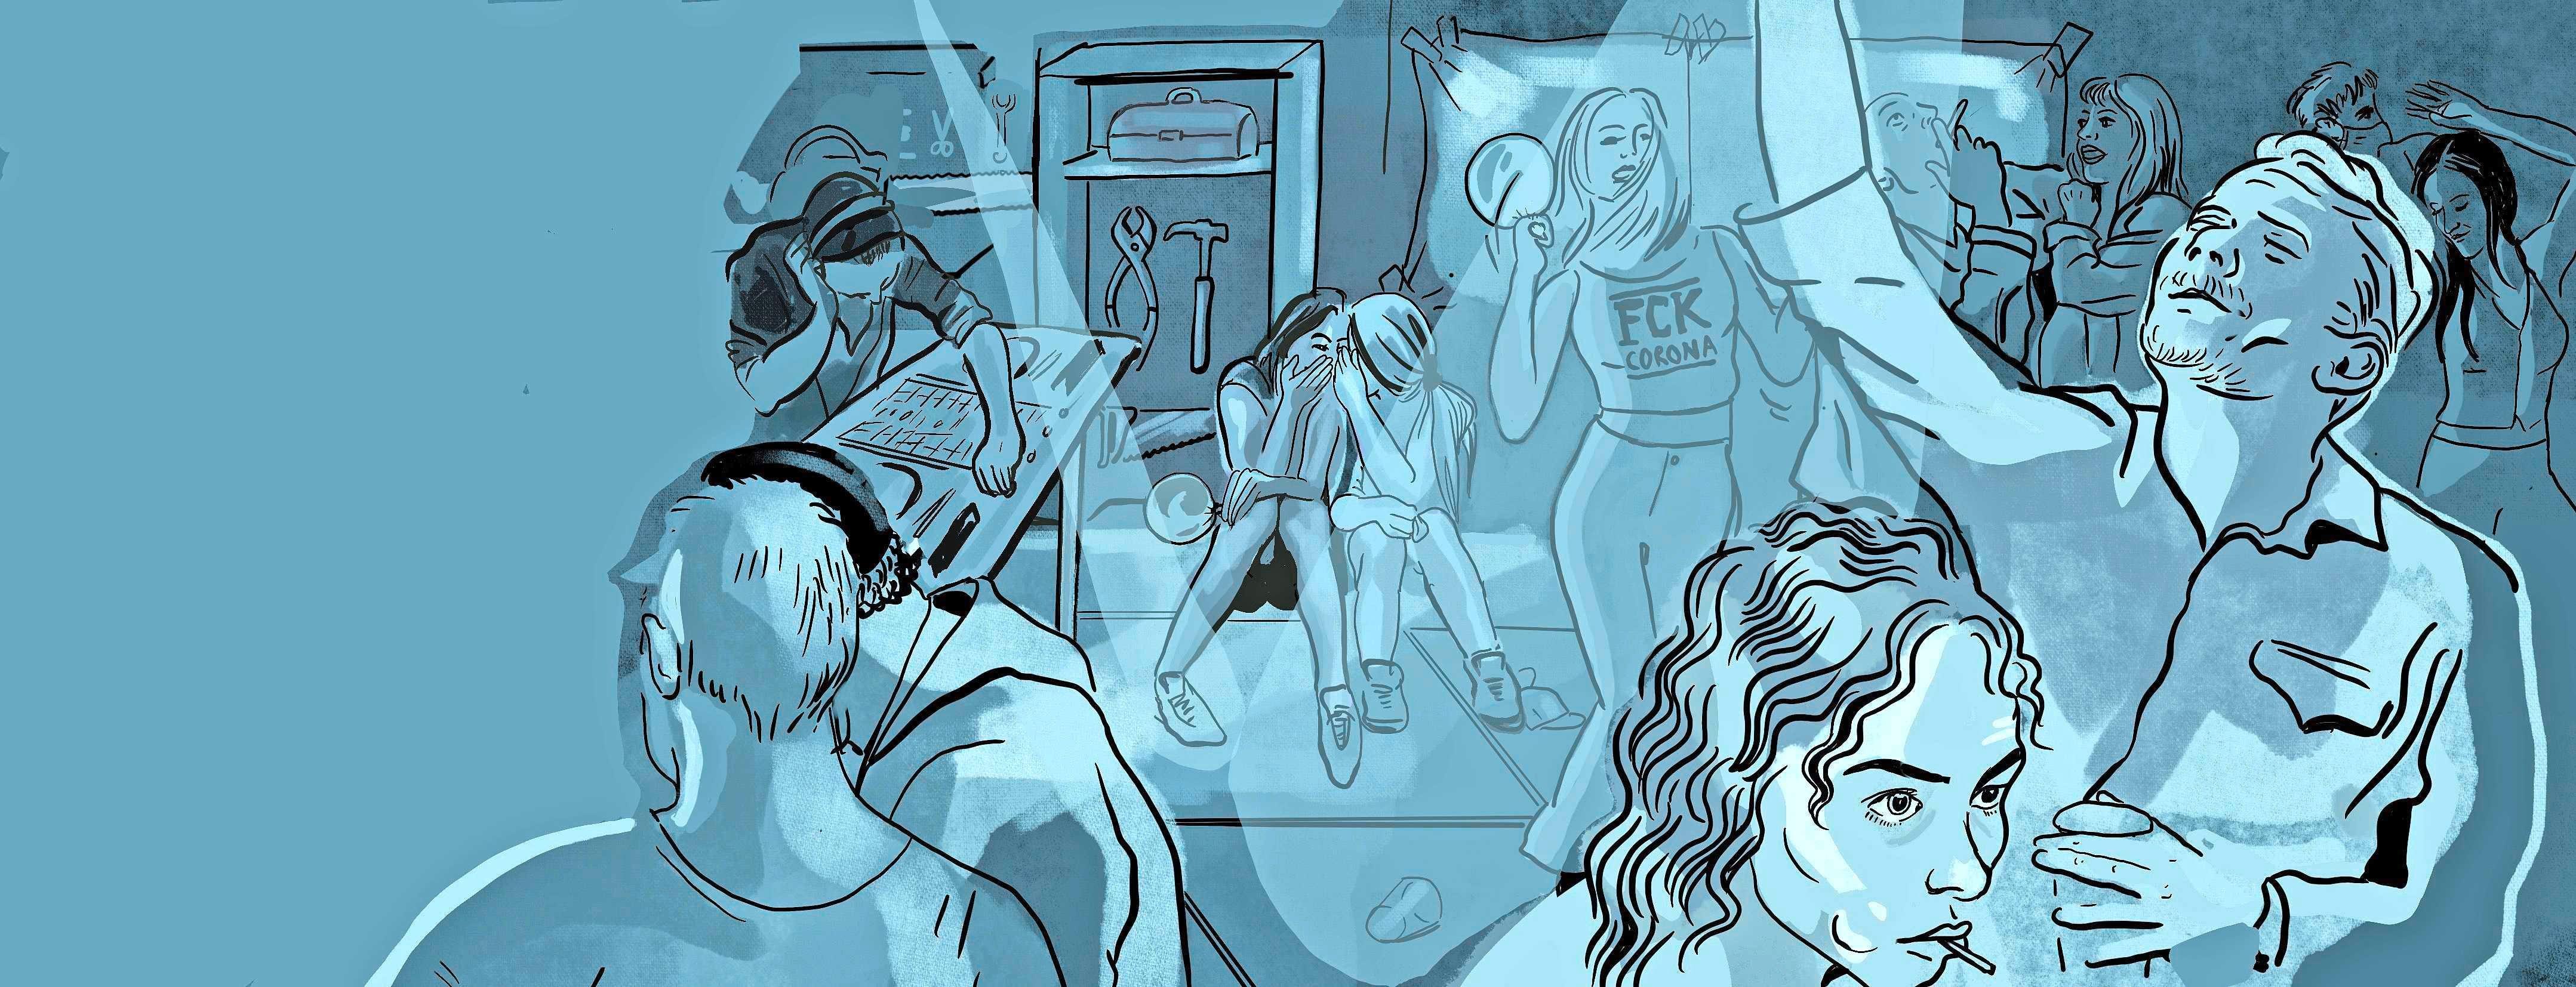 Illegaal feesten met drugs tijdens lockdown in een loods: 'Even ontsnappen aan dat door overheid opgedrongen keurslijf'